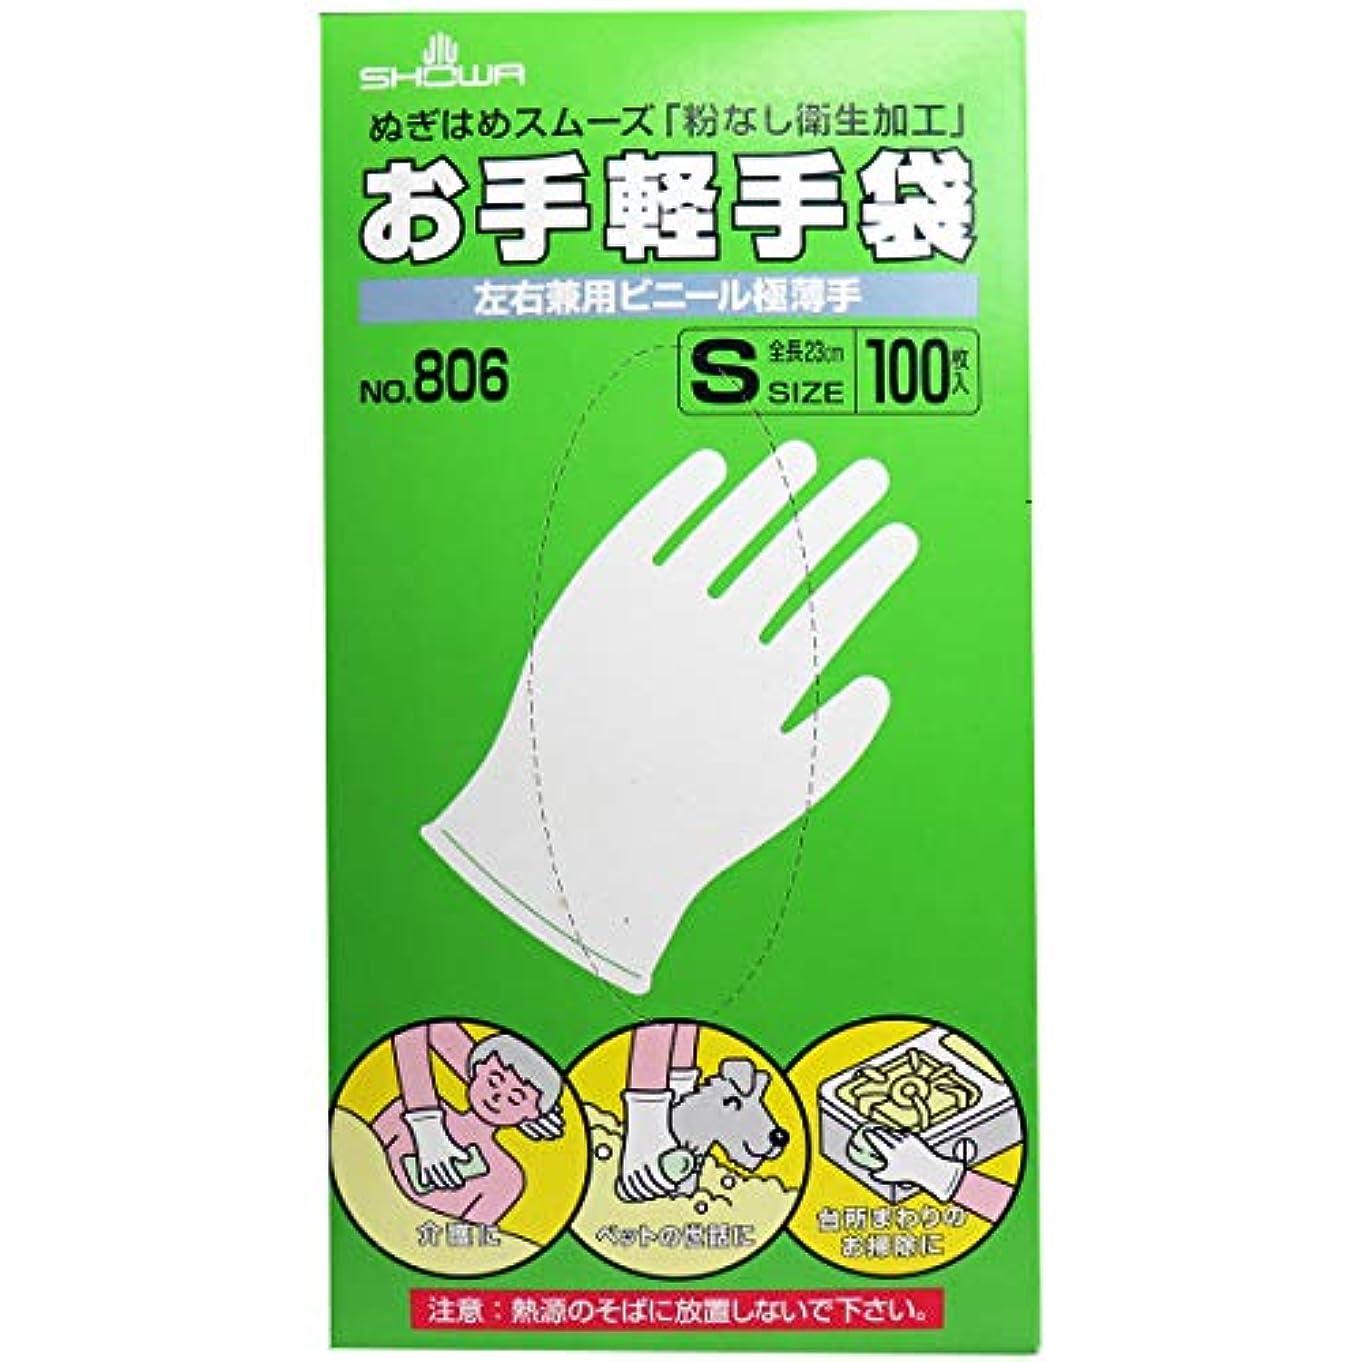 床を掃除する彫刻家アンティークお手軽手袋 No.806 左右兼用ビニール極薄手 粉なし Sサイズ 100枚入×10個セット